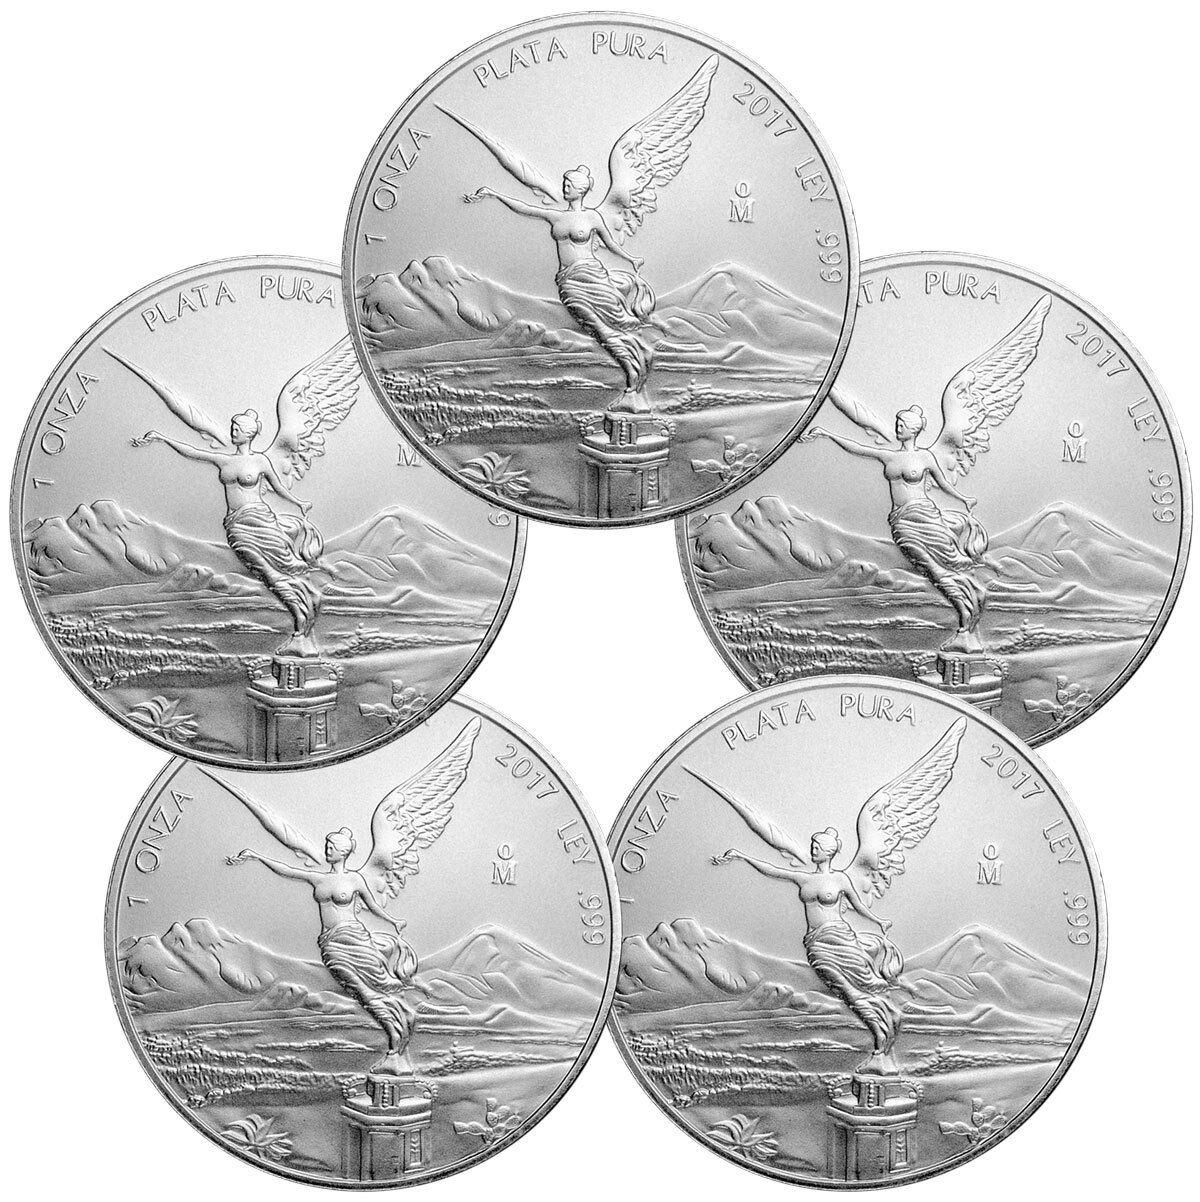 Lot of 5 - 2017-Mo Mexico 1 oz .999 Fine Silver Libertad Coin SKU47082